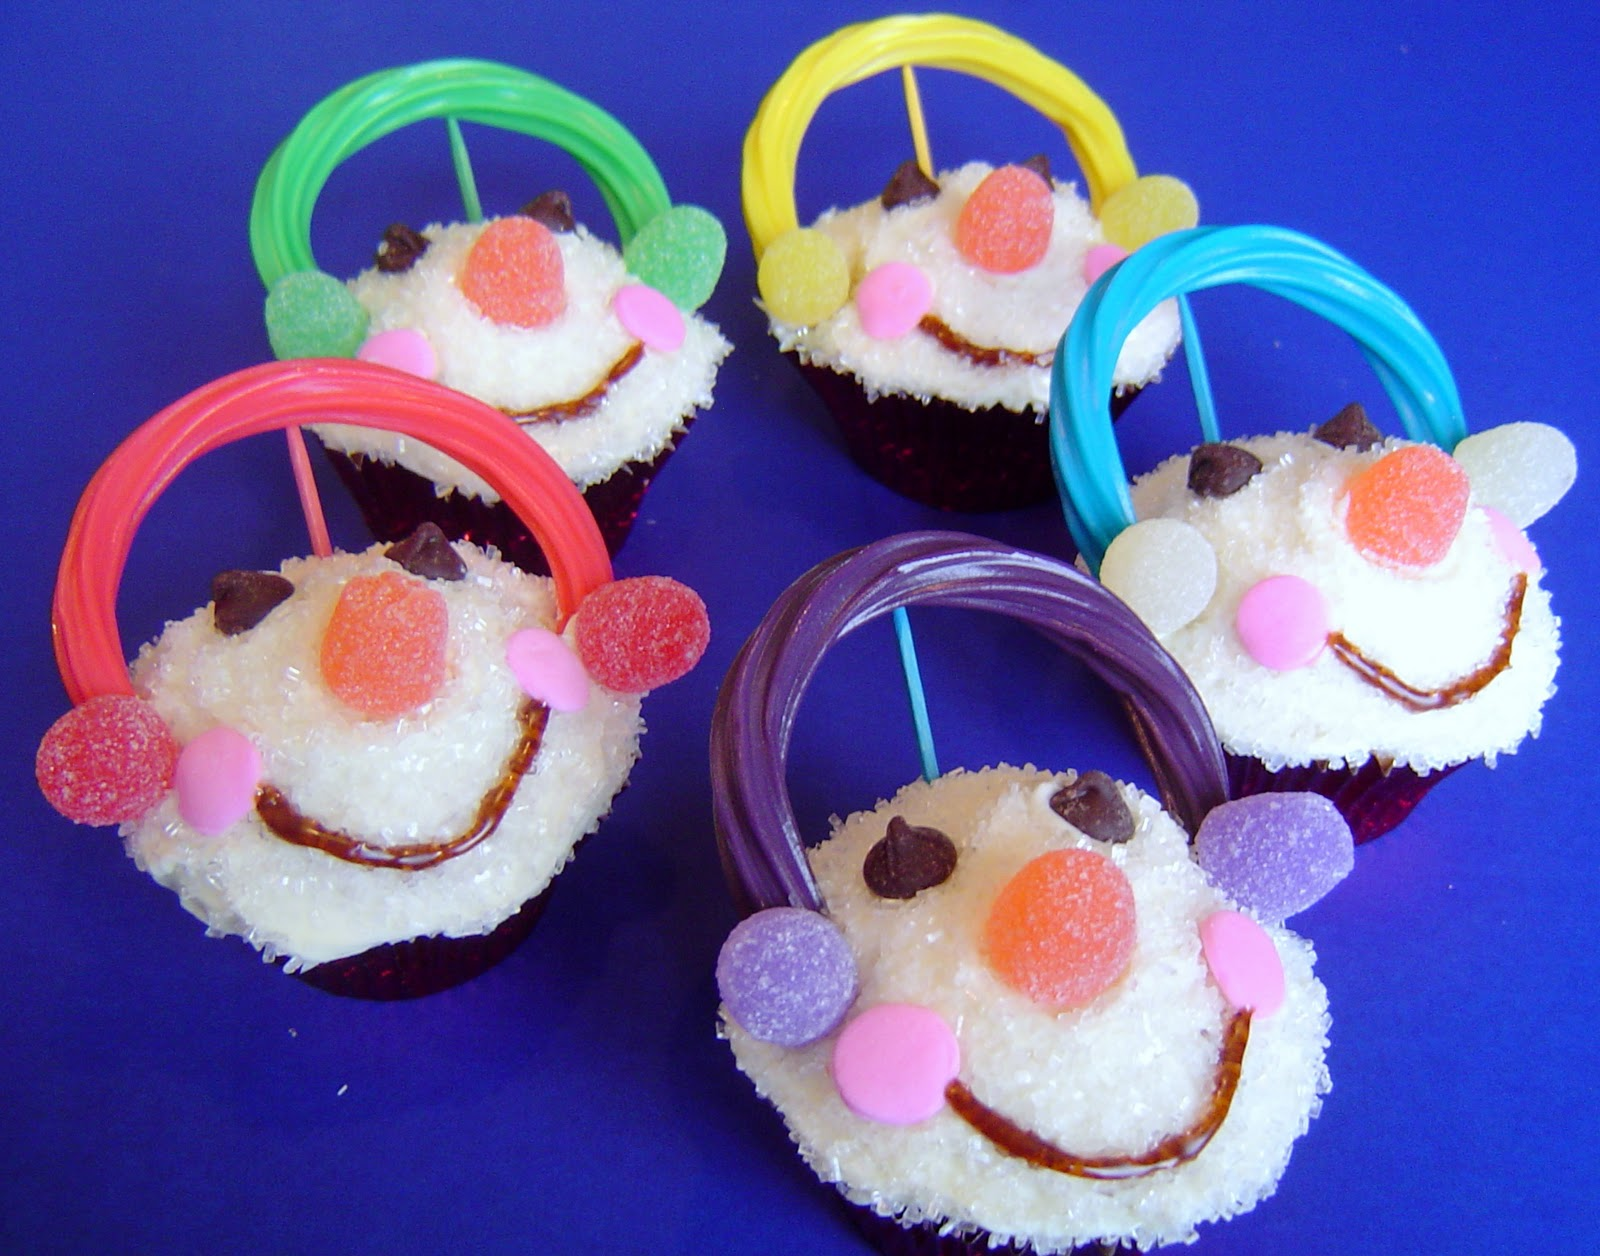 http://4.bp.blogspot.com/_AboRxFABIL8/TOakWLWEmFI/AAAAAAAABec/hSPVeYh2CFQ/s1600/Cupcakes+02.jpg